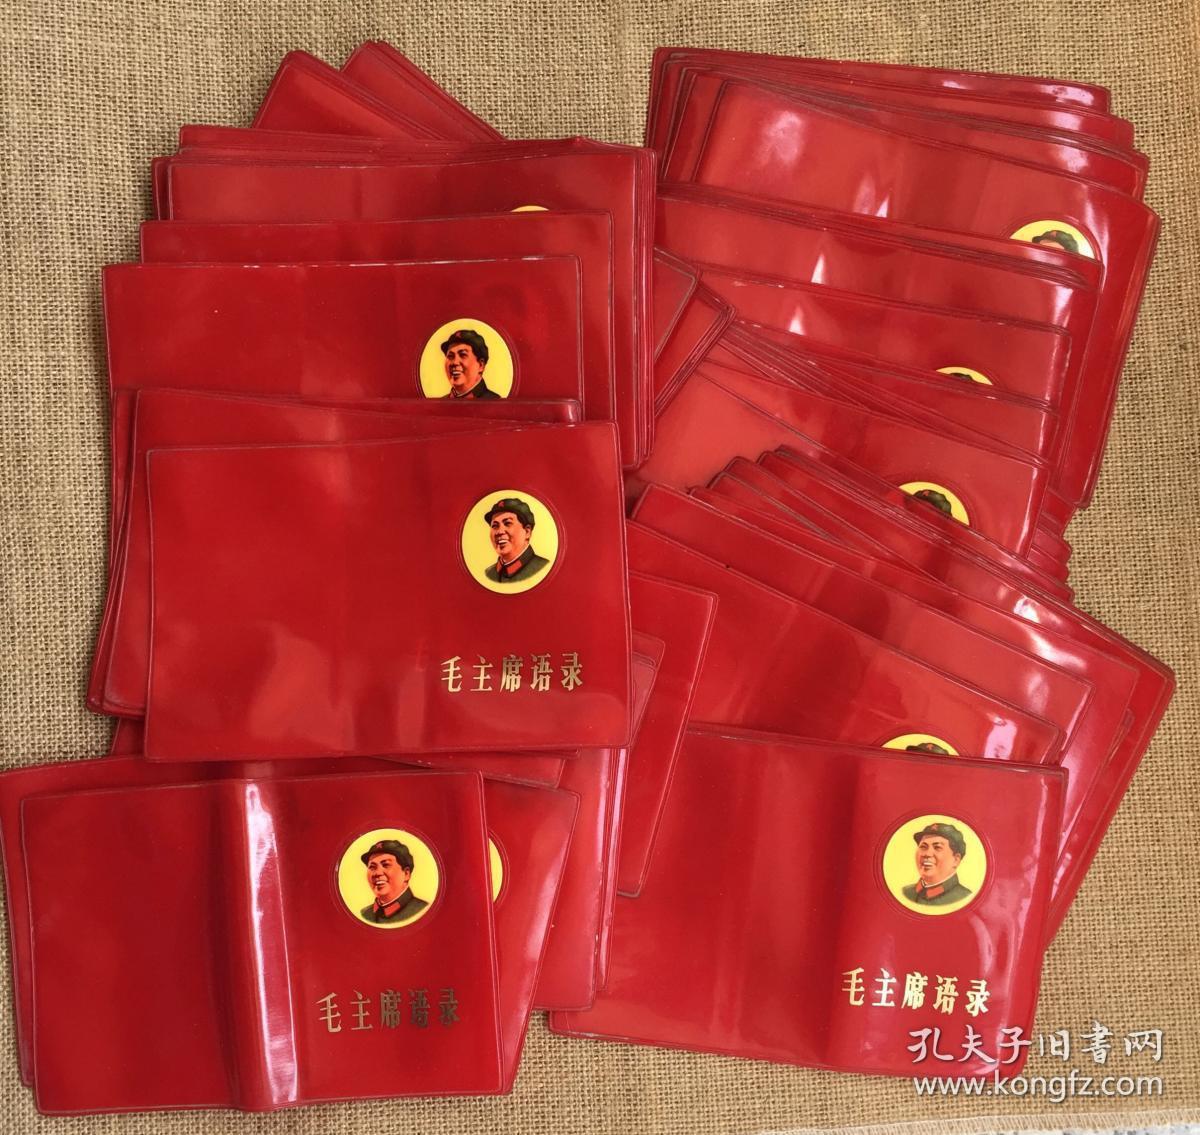 毛主席语录  书皮  塑料皮  74个 全新未使用